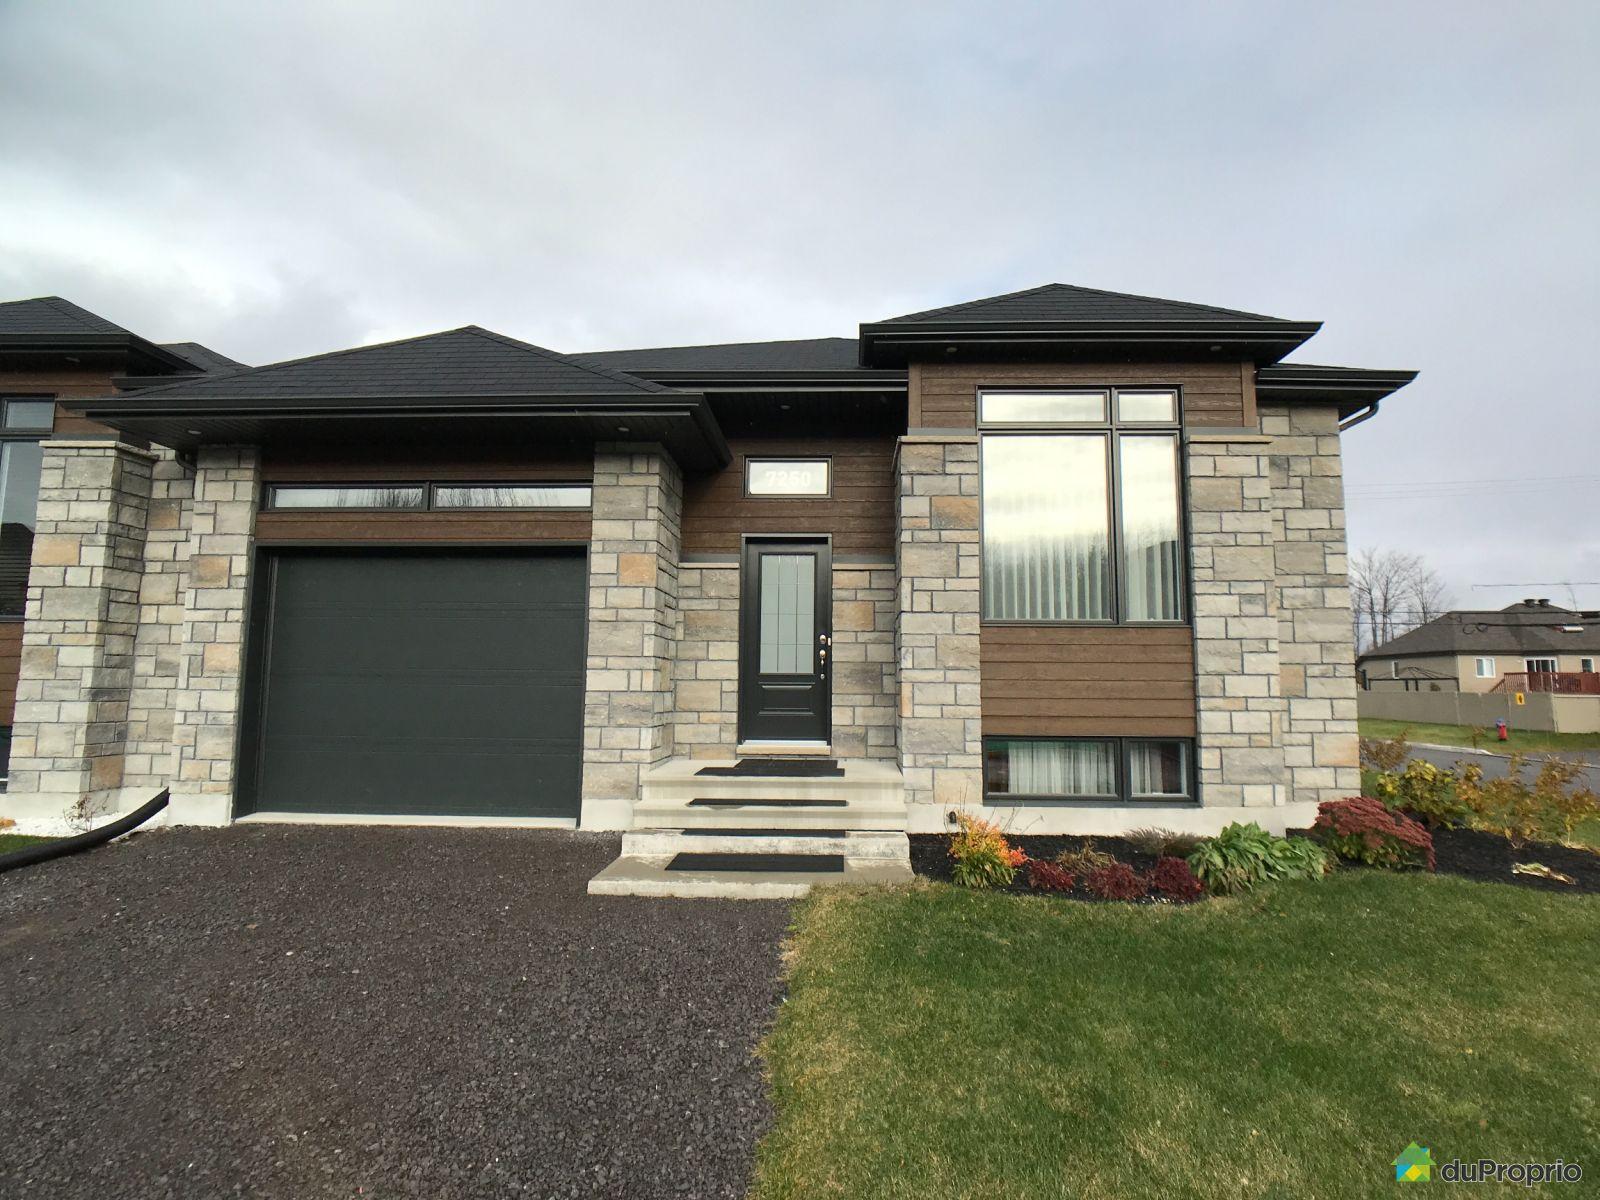 2525 boulevard Hamelin - Modèle Harmonie - Par Construction D.M. Turcotte, Trois-Rivières (Trois-Rivières) for sale